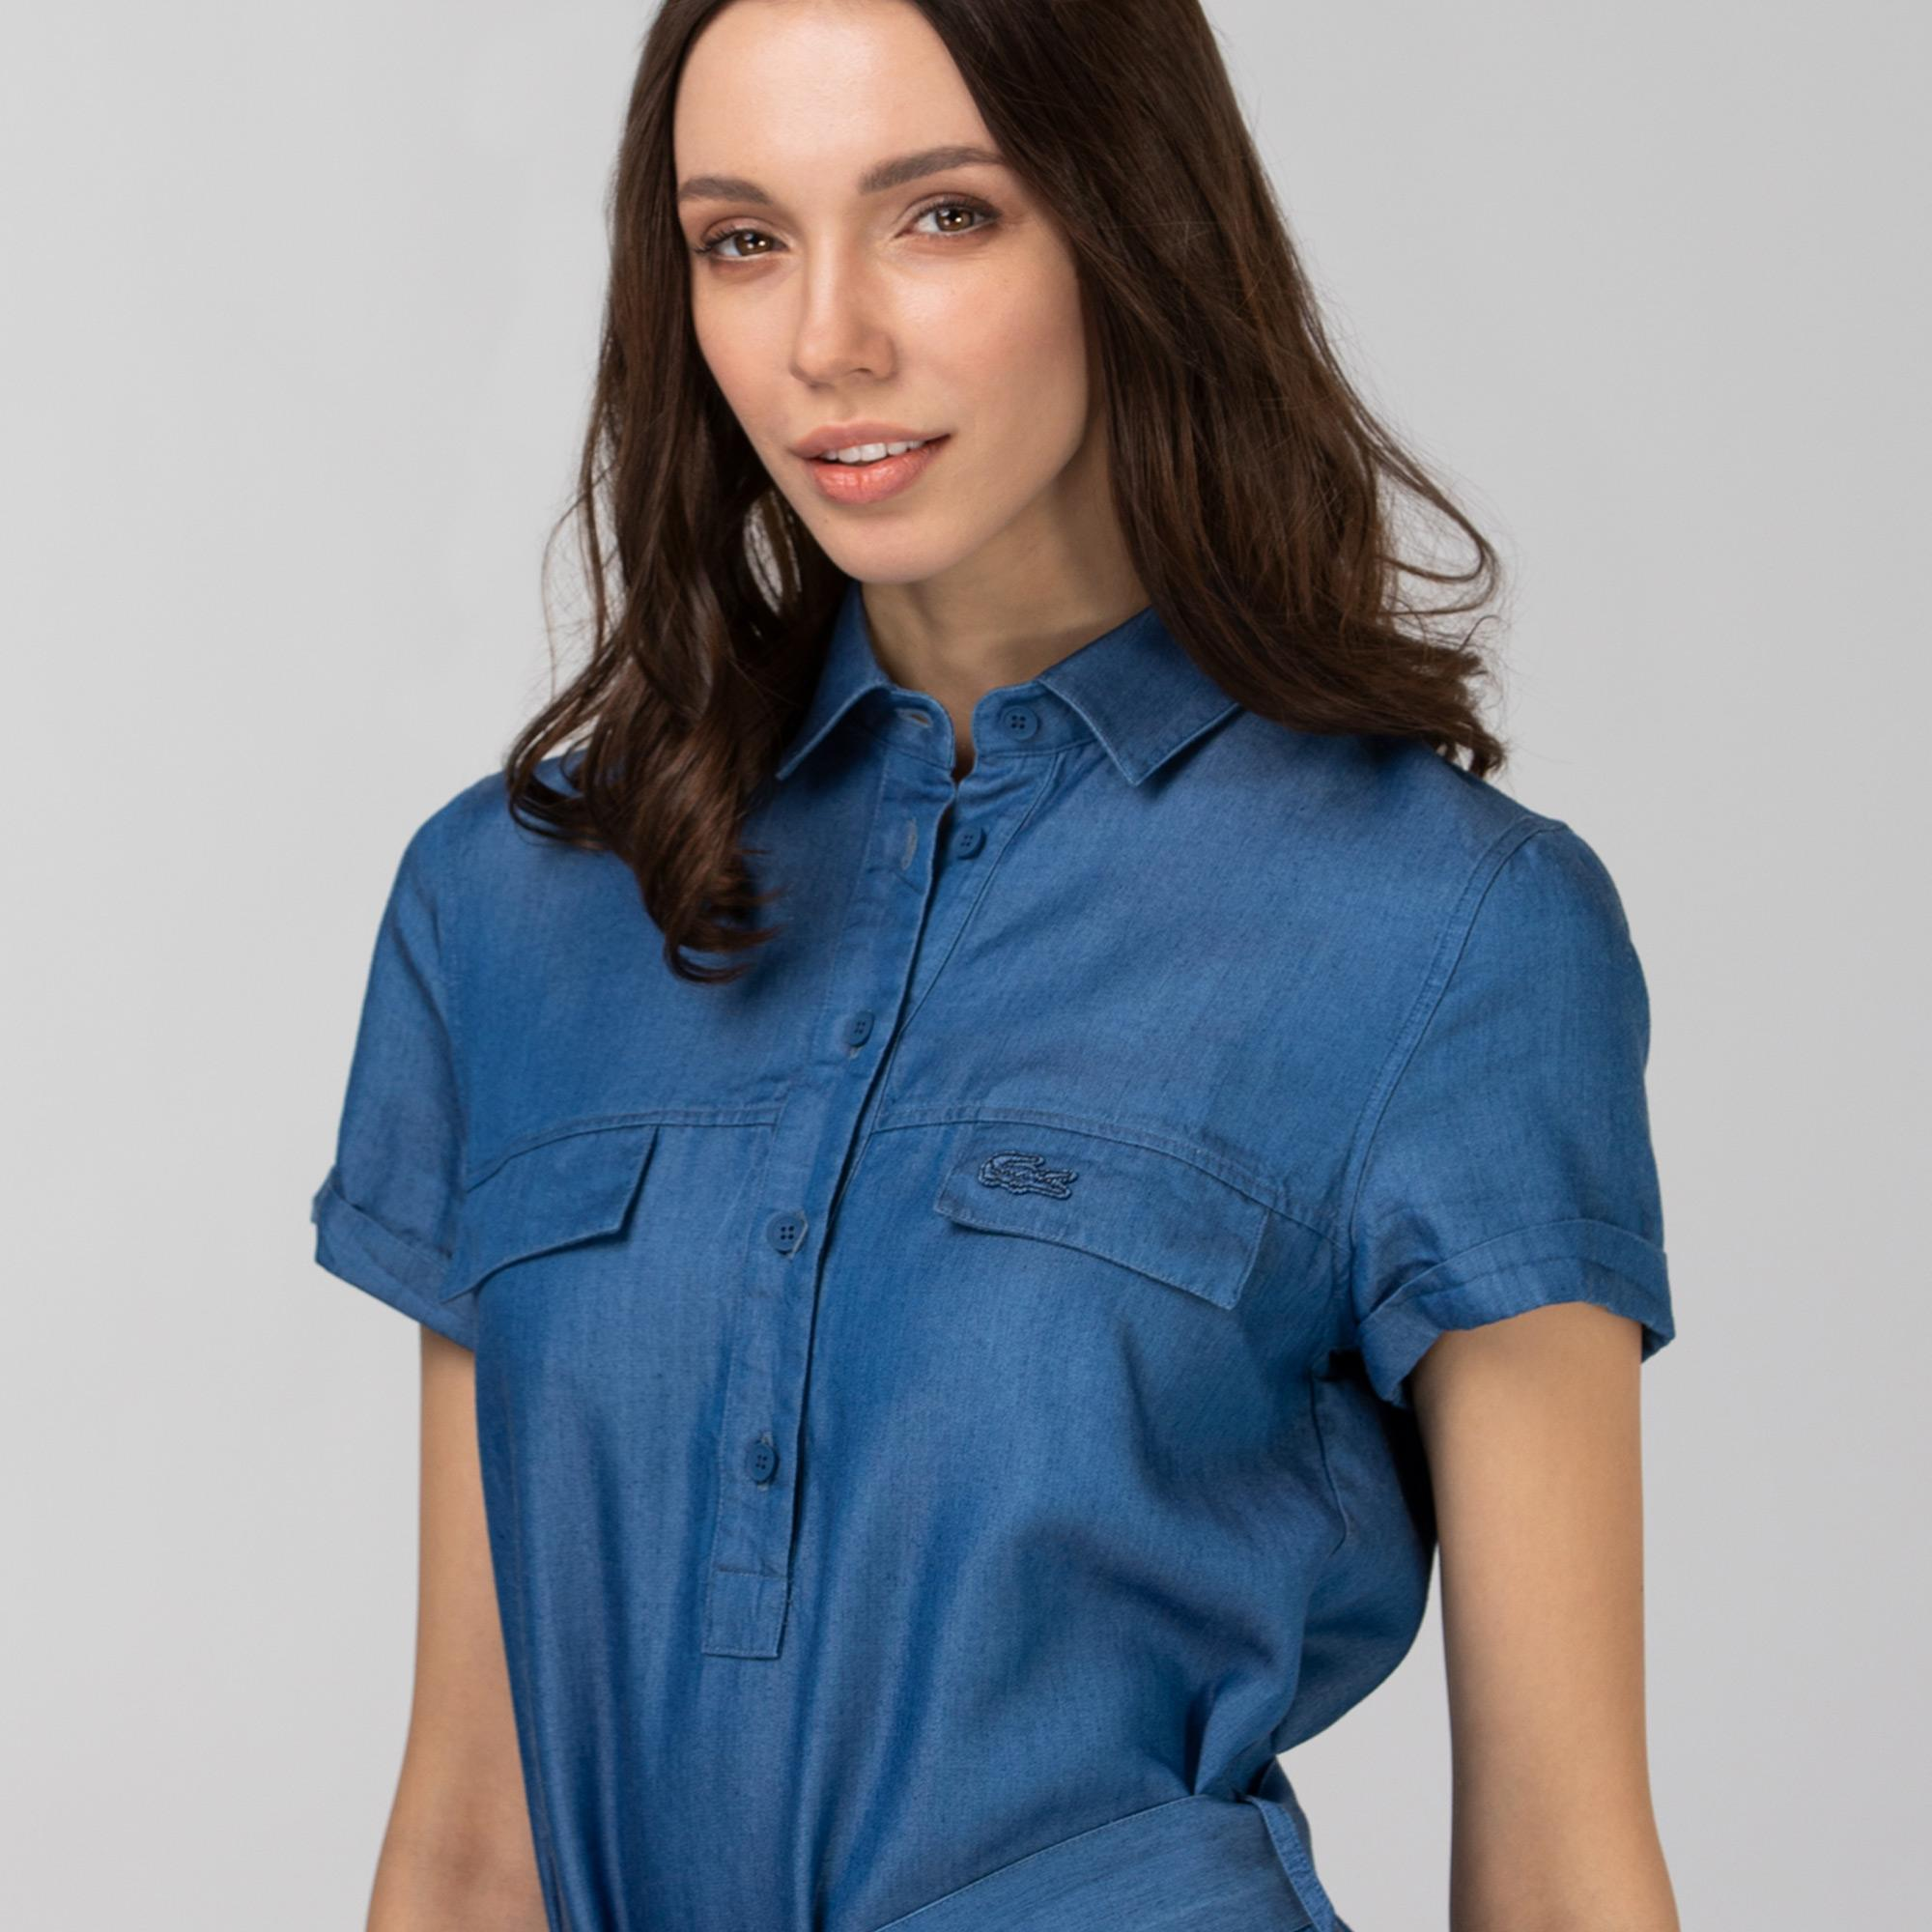 Lacoste Kadın Kısa Kollu Gömlek Yaka Açık Denim Elbise